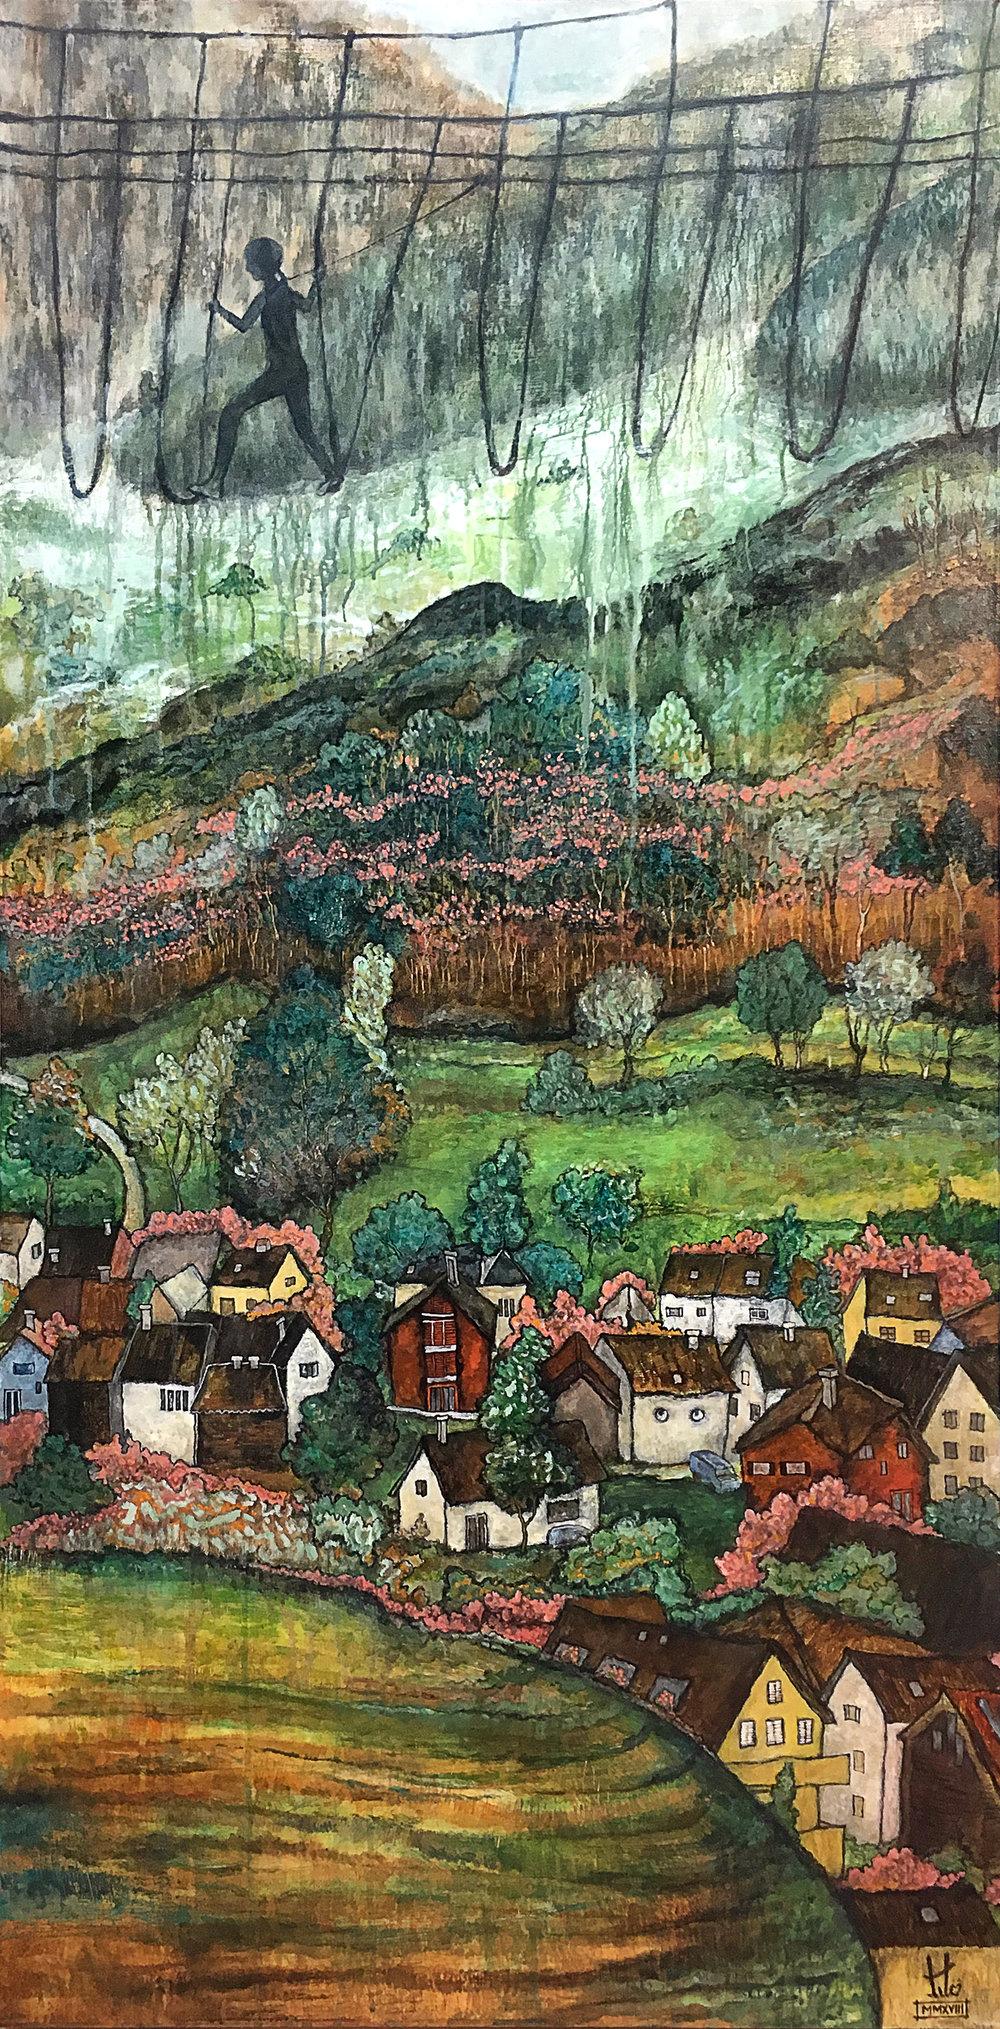 Title:  Vaduz, Liechtenstein. MMXVII   Media:  Acrylic, Ink, Pencil and Graphite on Linen.   Size:  Width: 36 in x Height: 64 in x Depth: 3 in (gallery frame) Width: 91.44 cm x Height: 162.56 cm x Depth: 7 cm (gallery frame)